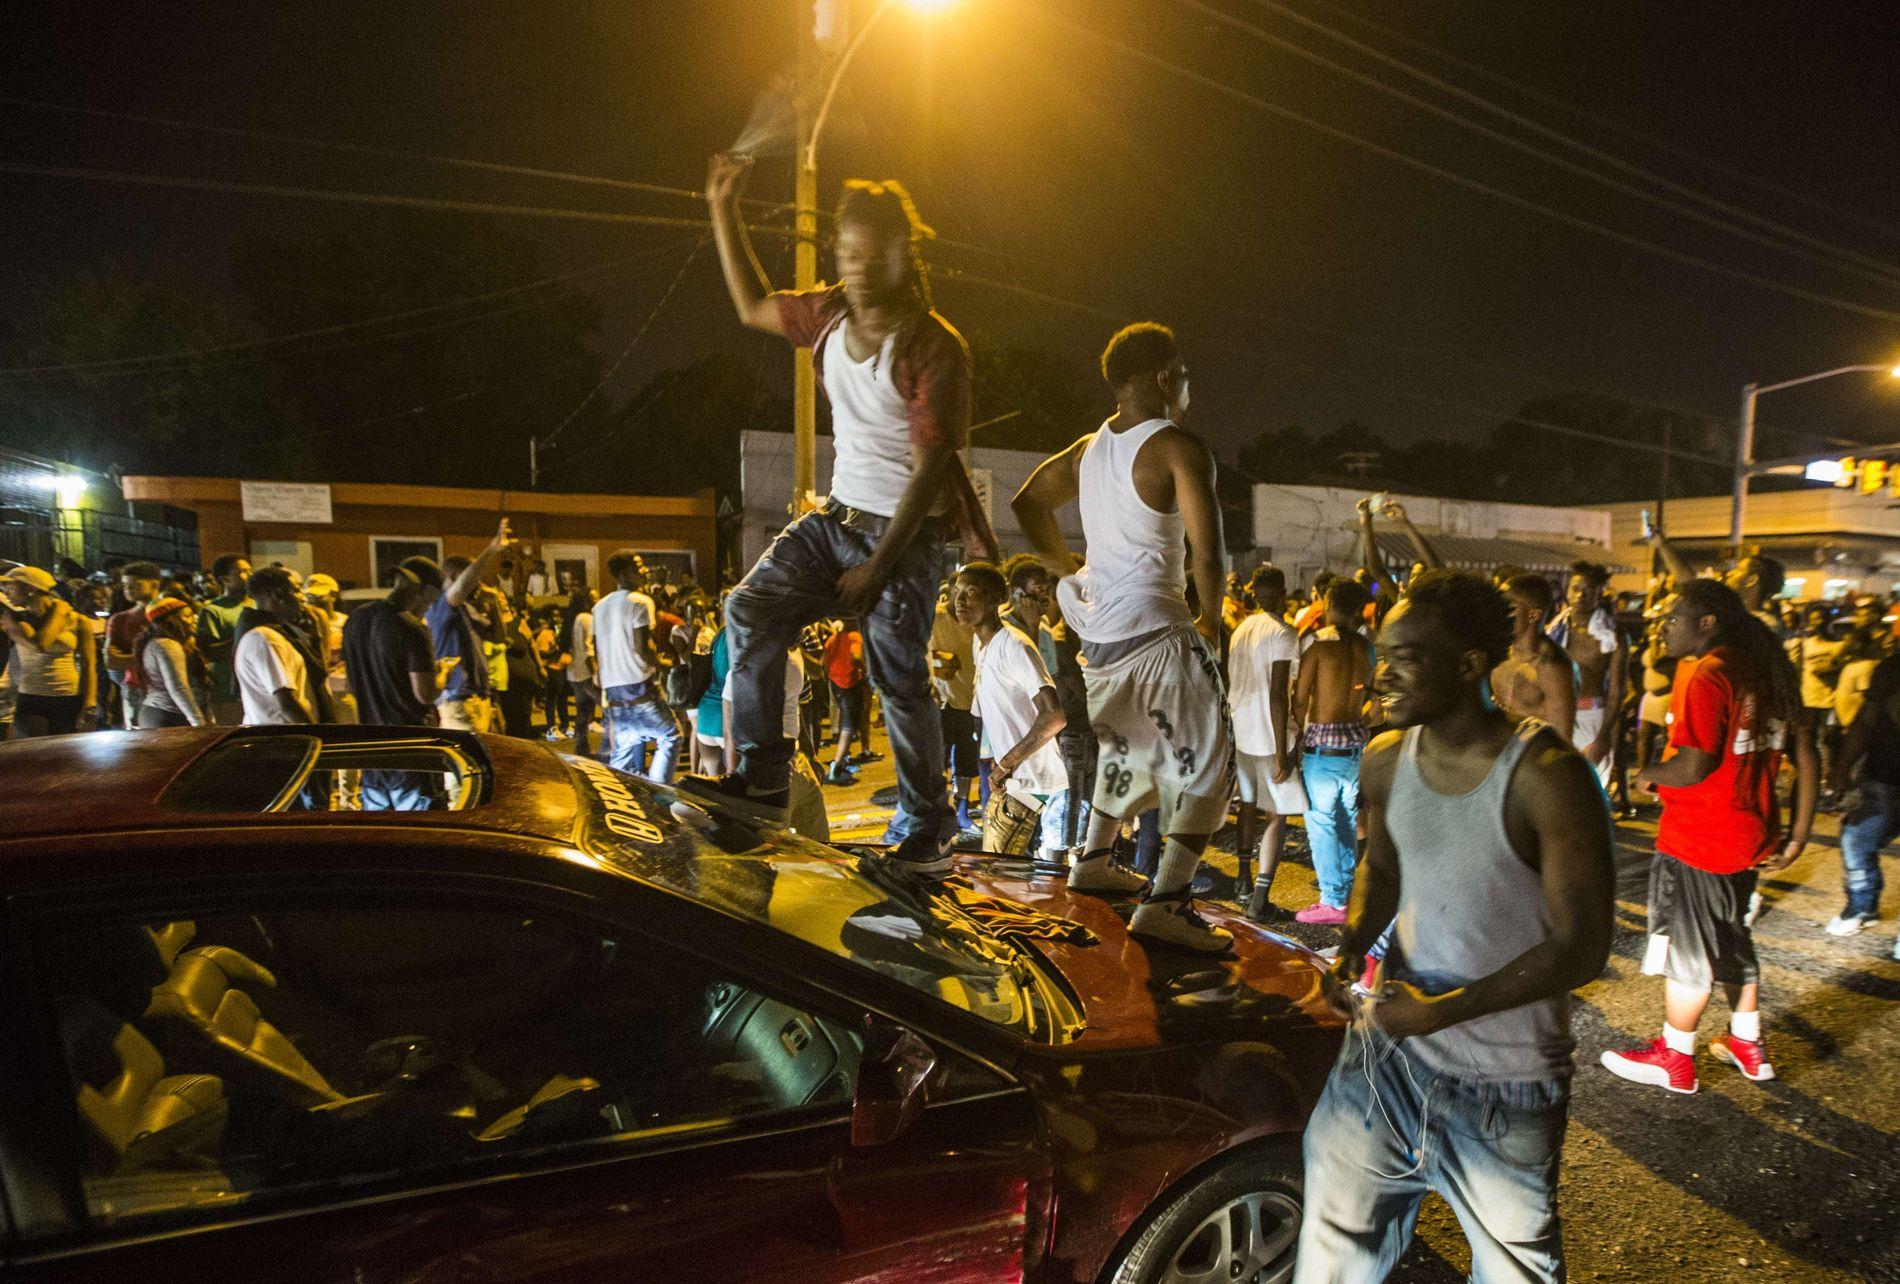 PROTESTERER: Store mengder demonstranter har samlet seg i gatene i Baton Rouge i Louisiana etter drapet på Alton Sterling.